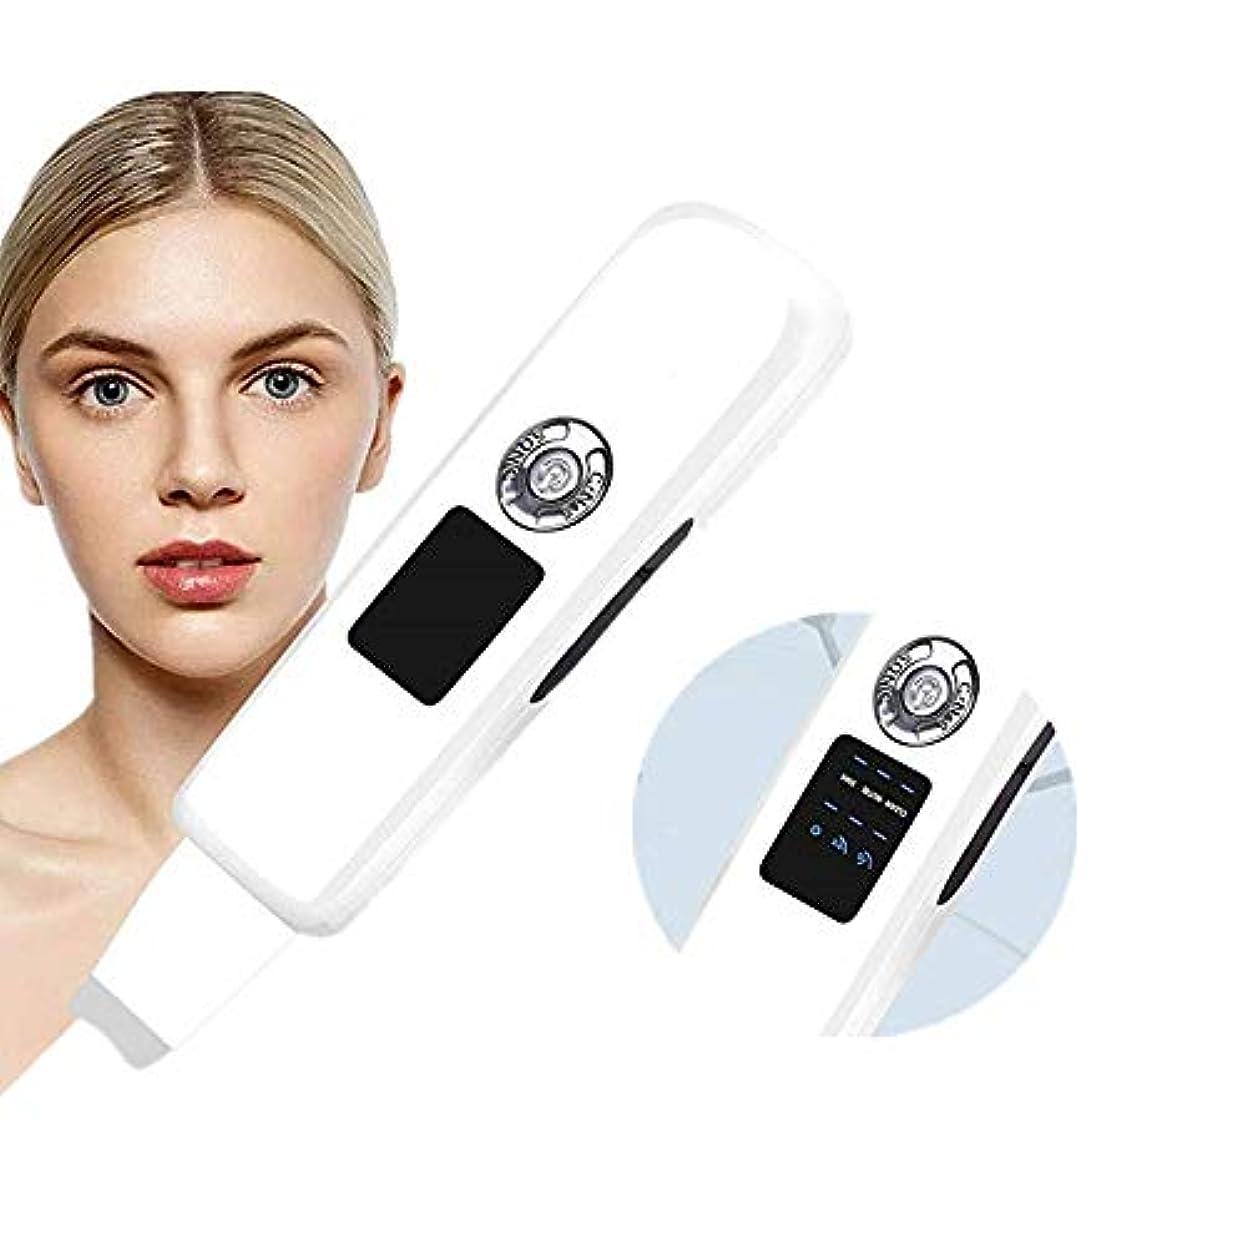 血まみれのペイン努力顔の皮膚スクラバー、ジェントルは男性女性ネックホワイトニングTighting若返りのためのリフティング&ファーミングツール、ブラックヘッドコメド毛穴クリーナー死んだ皮膚角質層の抽出を削除します